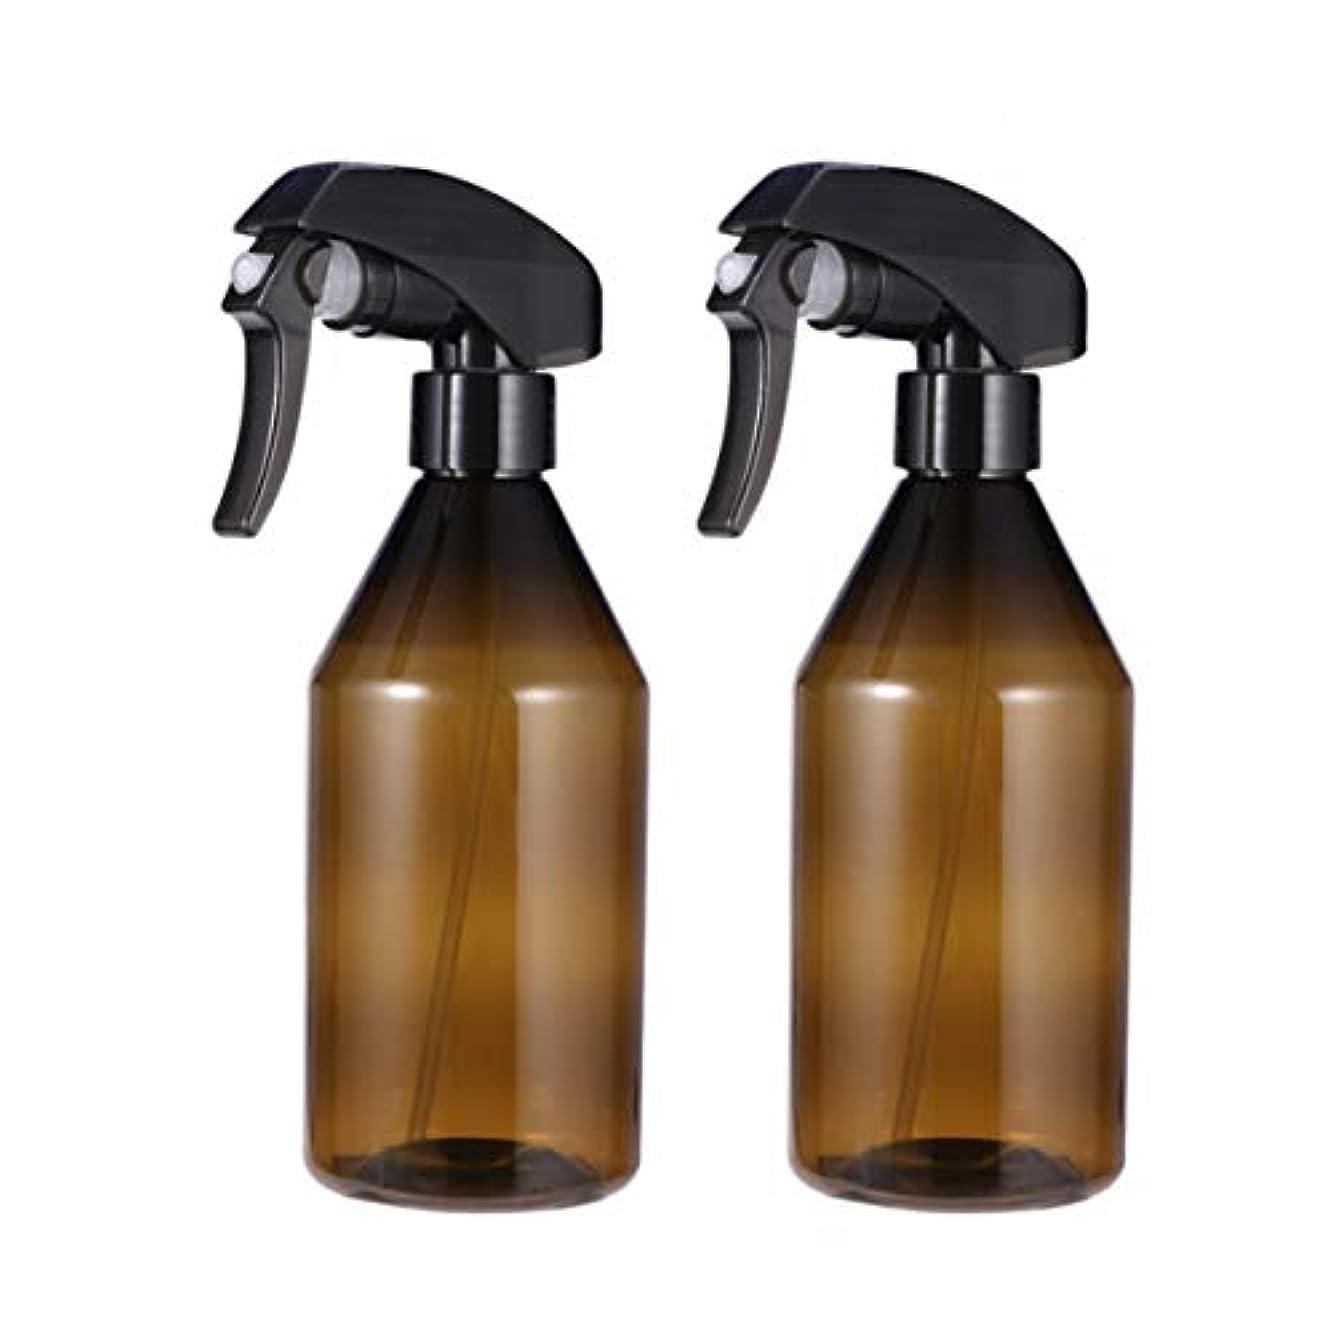 入る名詞せっかちFrcolor スプレーボトル 遮光スプレー 霧吹き プラスチック製 300ml 詰め替え容器 ハンドスプレー 細かいミスト多機能 家庭用 保湿スプレー 植物水やり 便利 耐久性 2本セット(茶色)